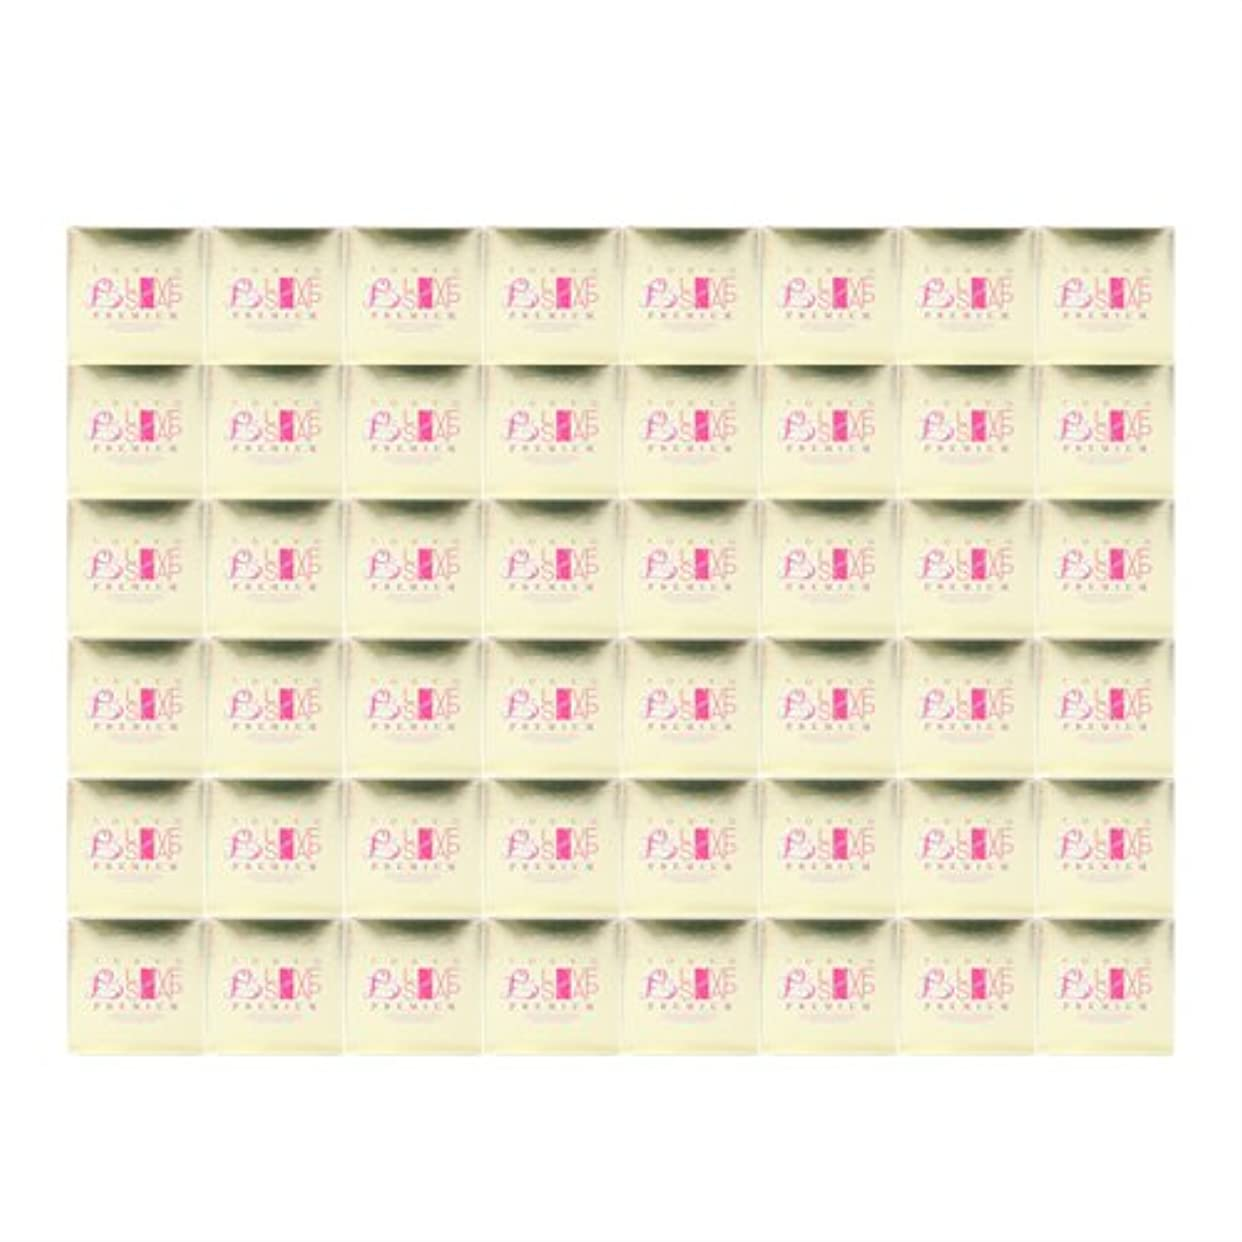 ハドル増加する推定する東京ラブソープ プレミアム (100g) 1ケース(48個入り)